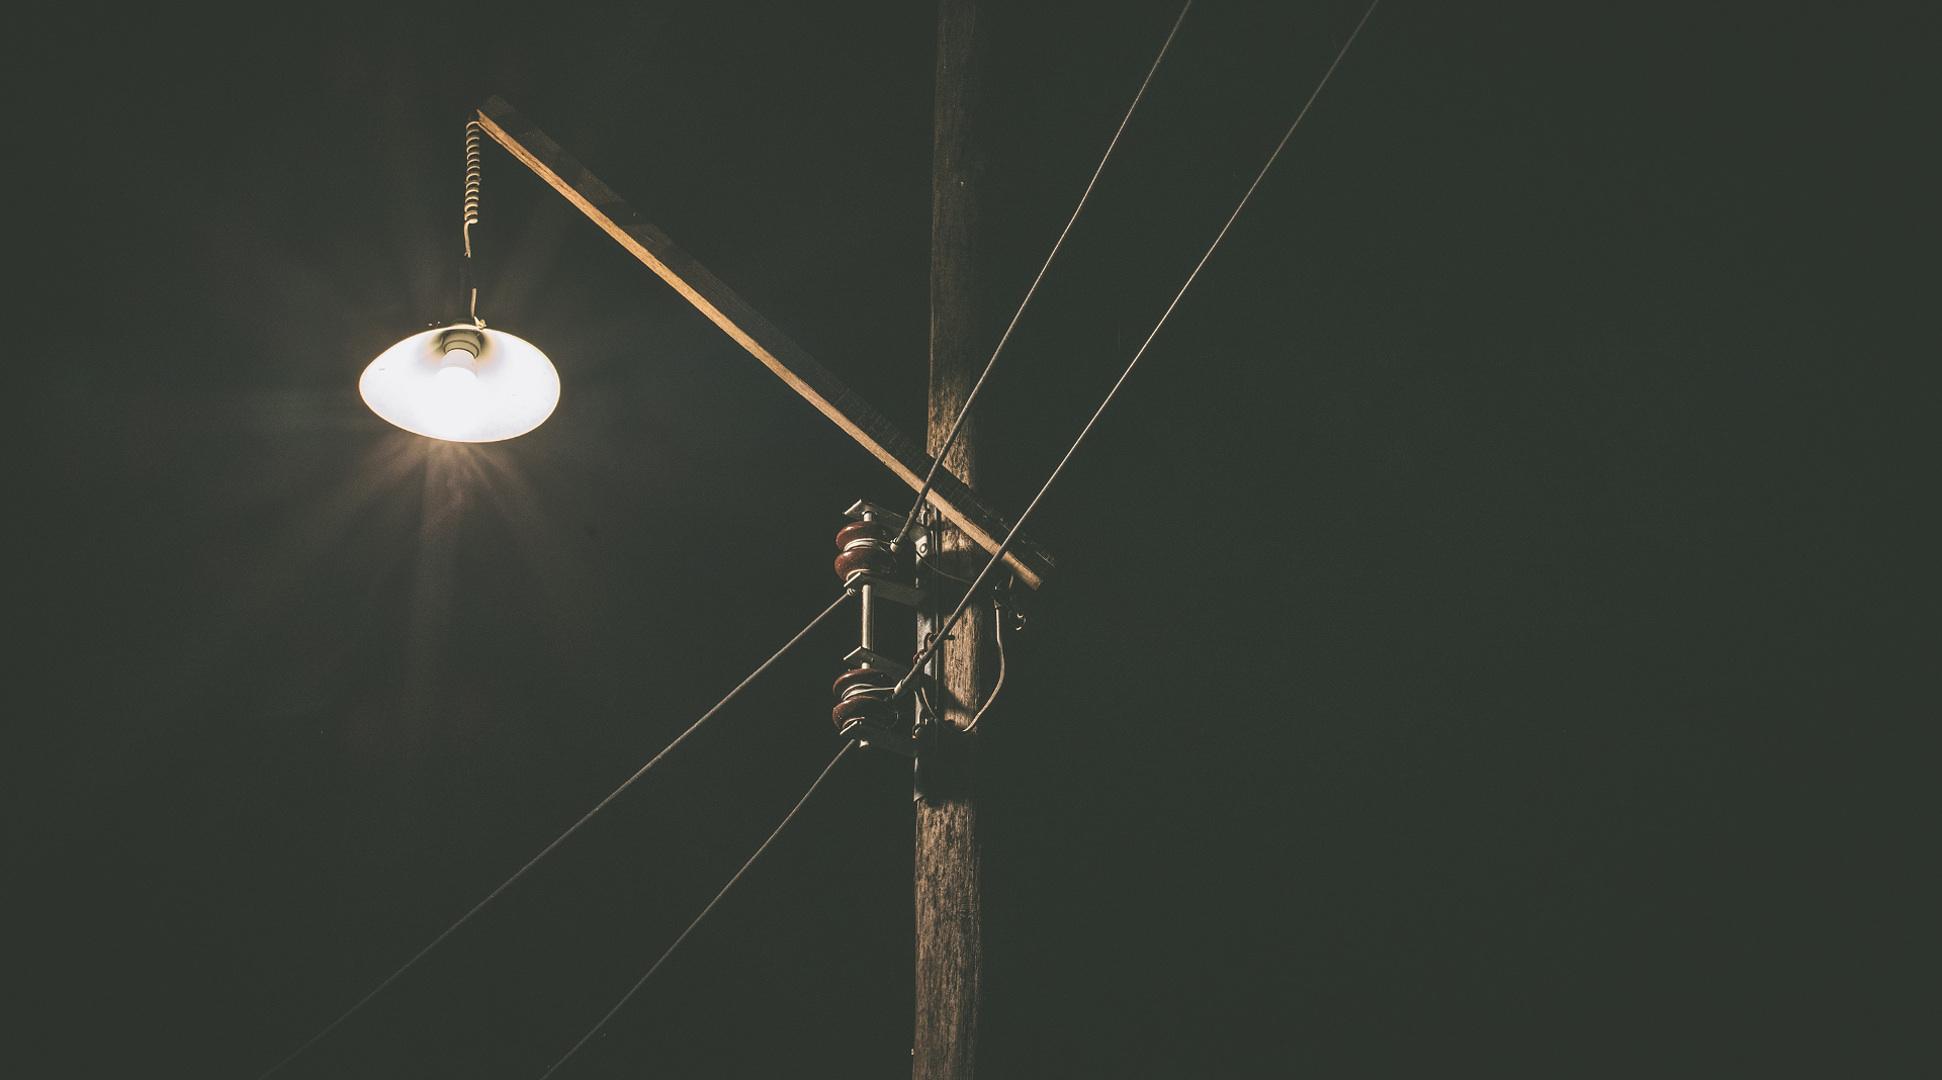 cuestion-de-voltaje-paises-que-usan-electricidad-de-110v-y-otros-de-220v-1920